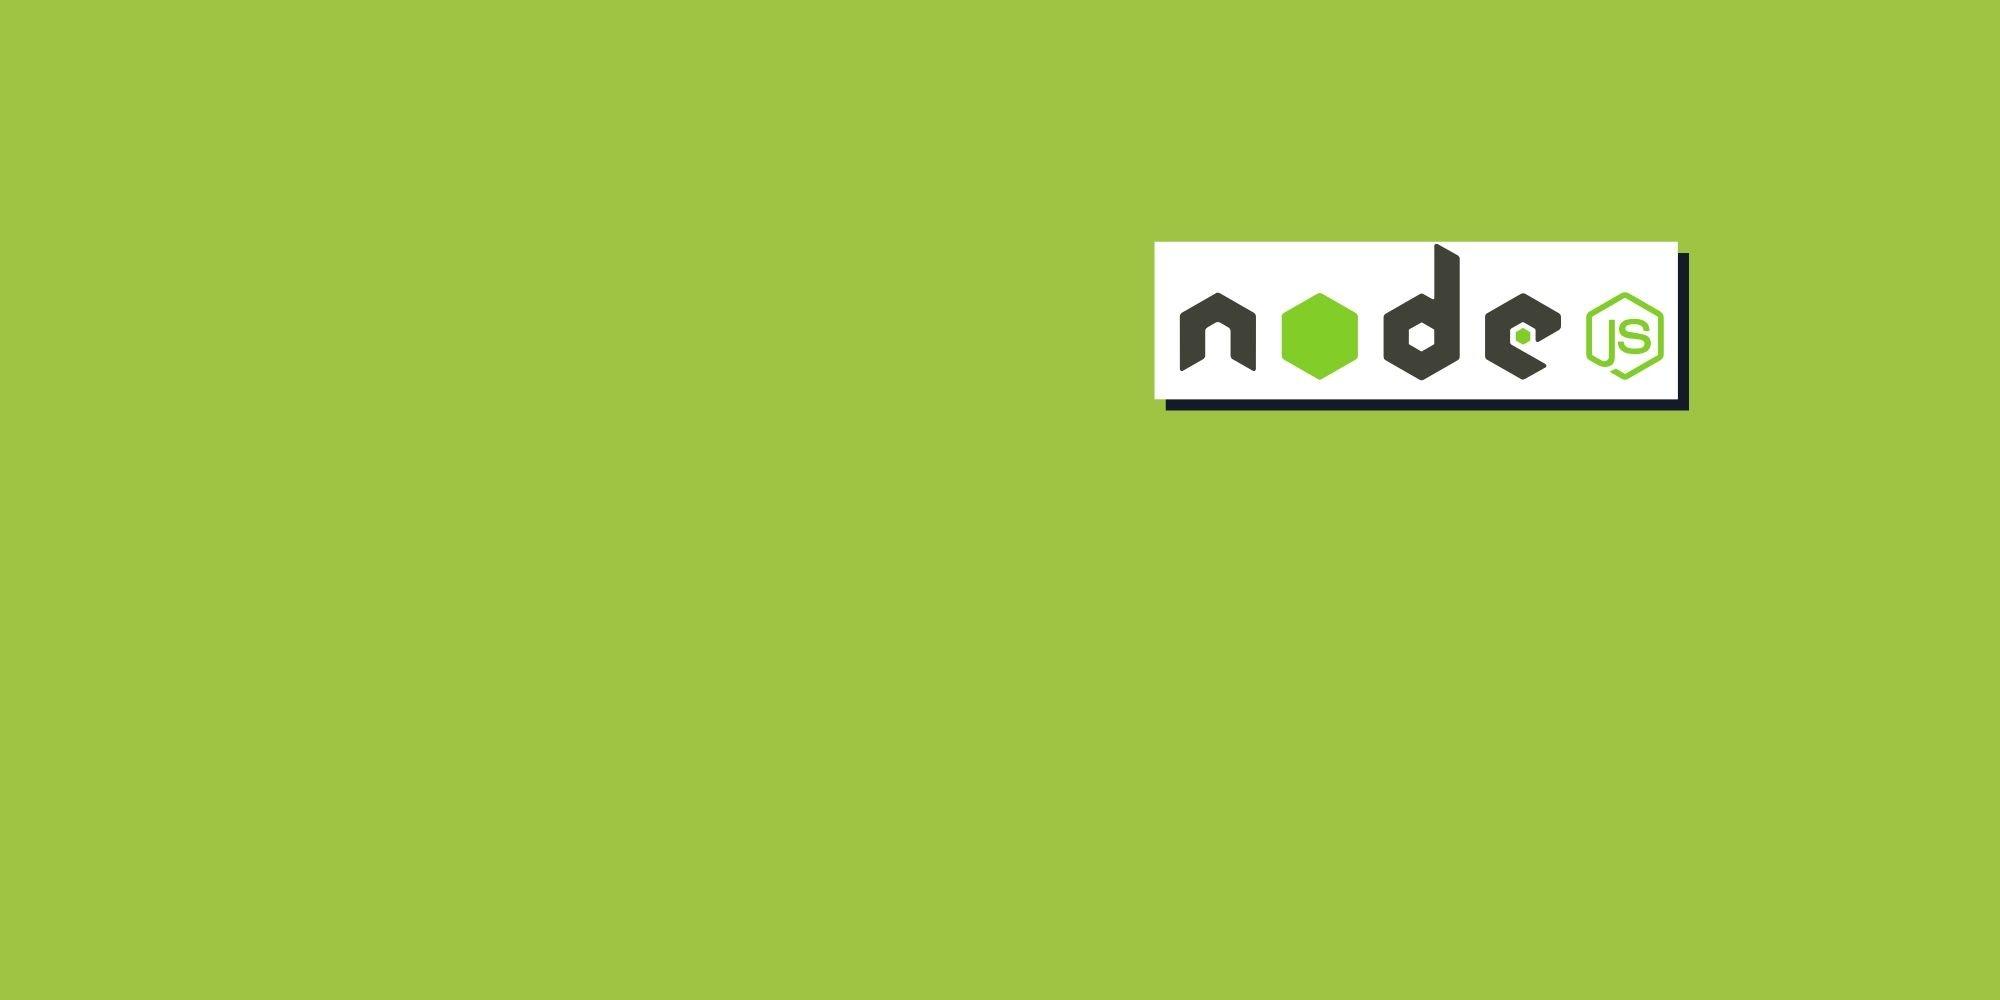 nodejs-training